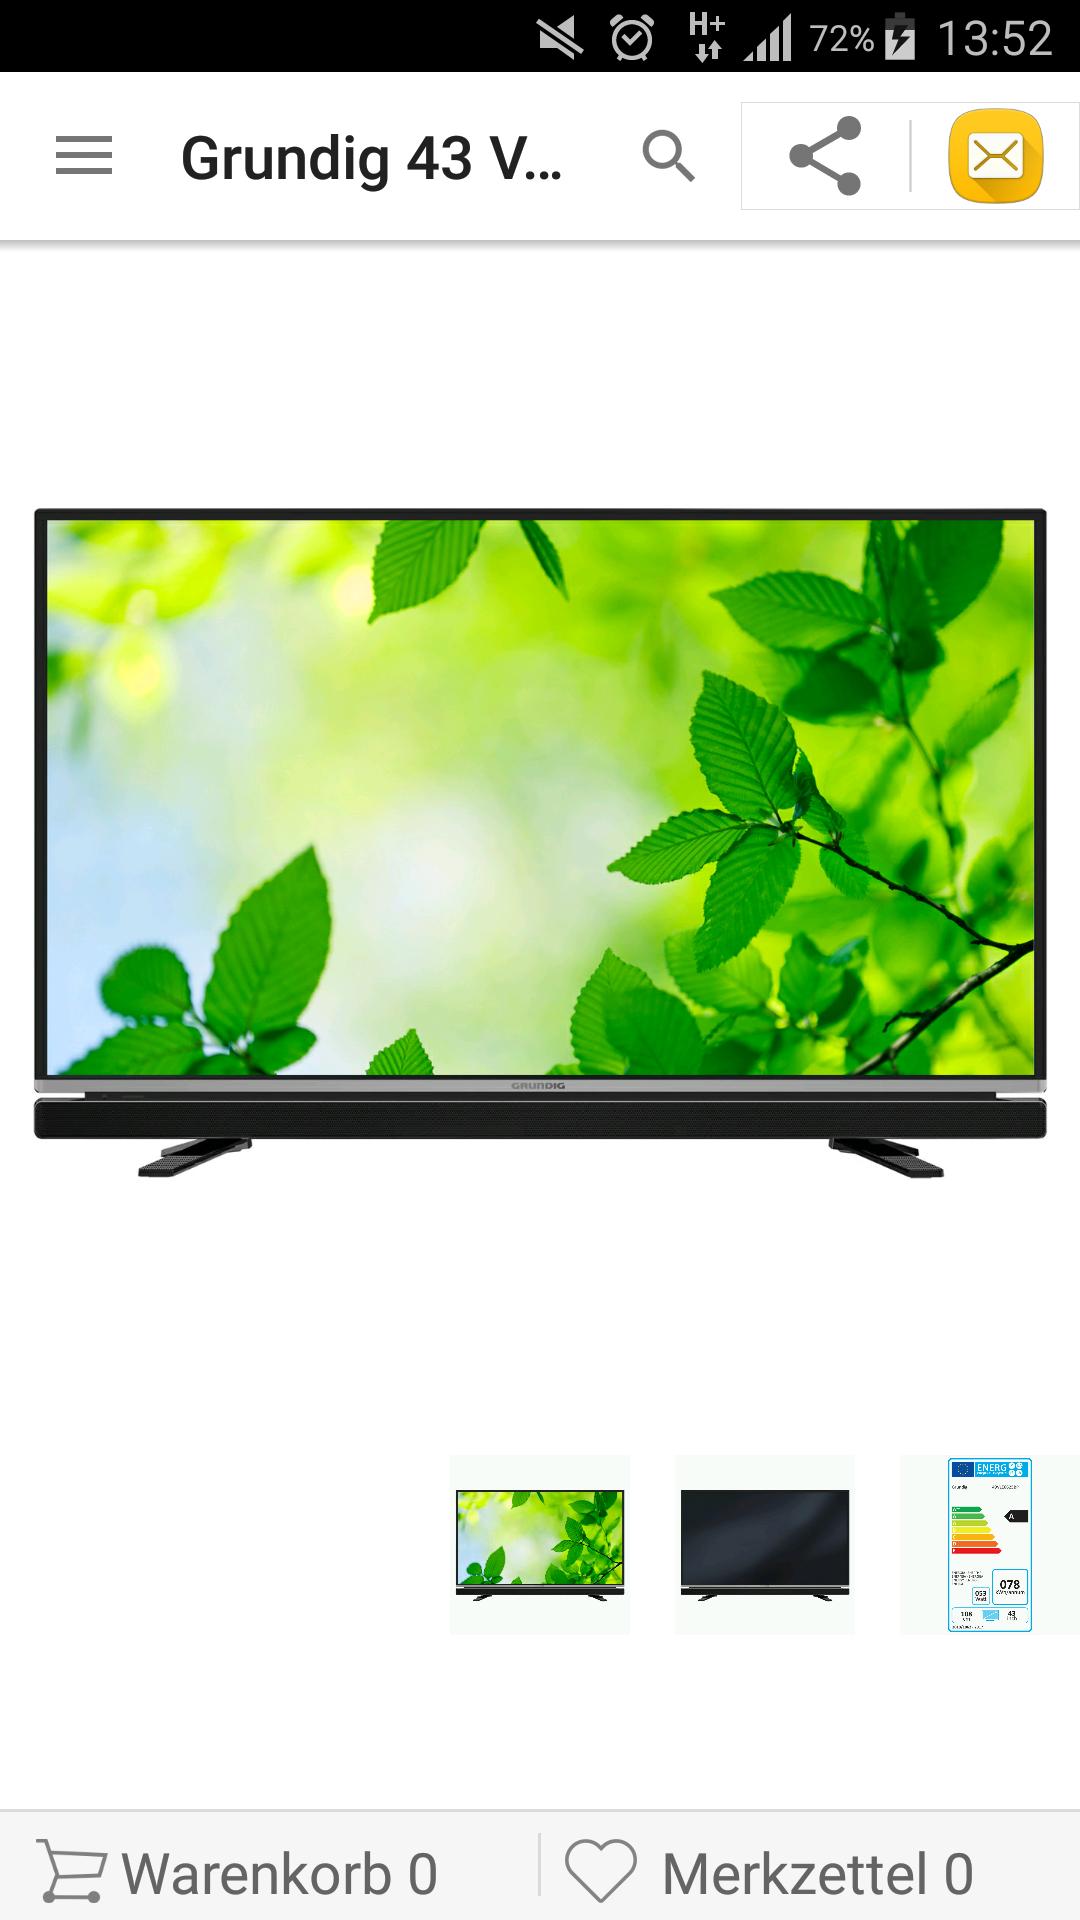 Grundig 43 VLE 6625 BP - 108 cm (43 Zoll) Fernseher (Full HD, Smart TV, PVR, WLAN, Triple Tuner (DVB T2), USB)